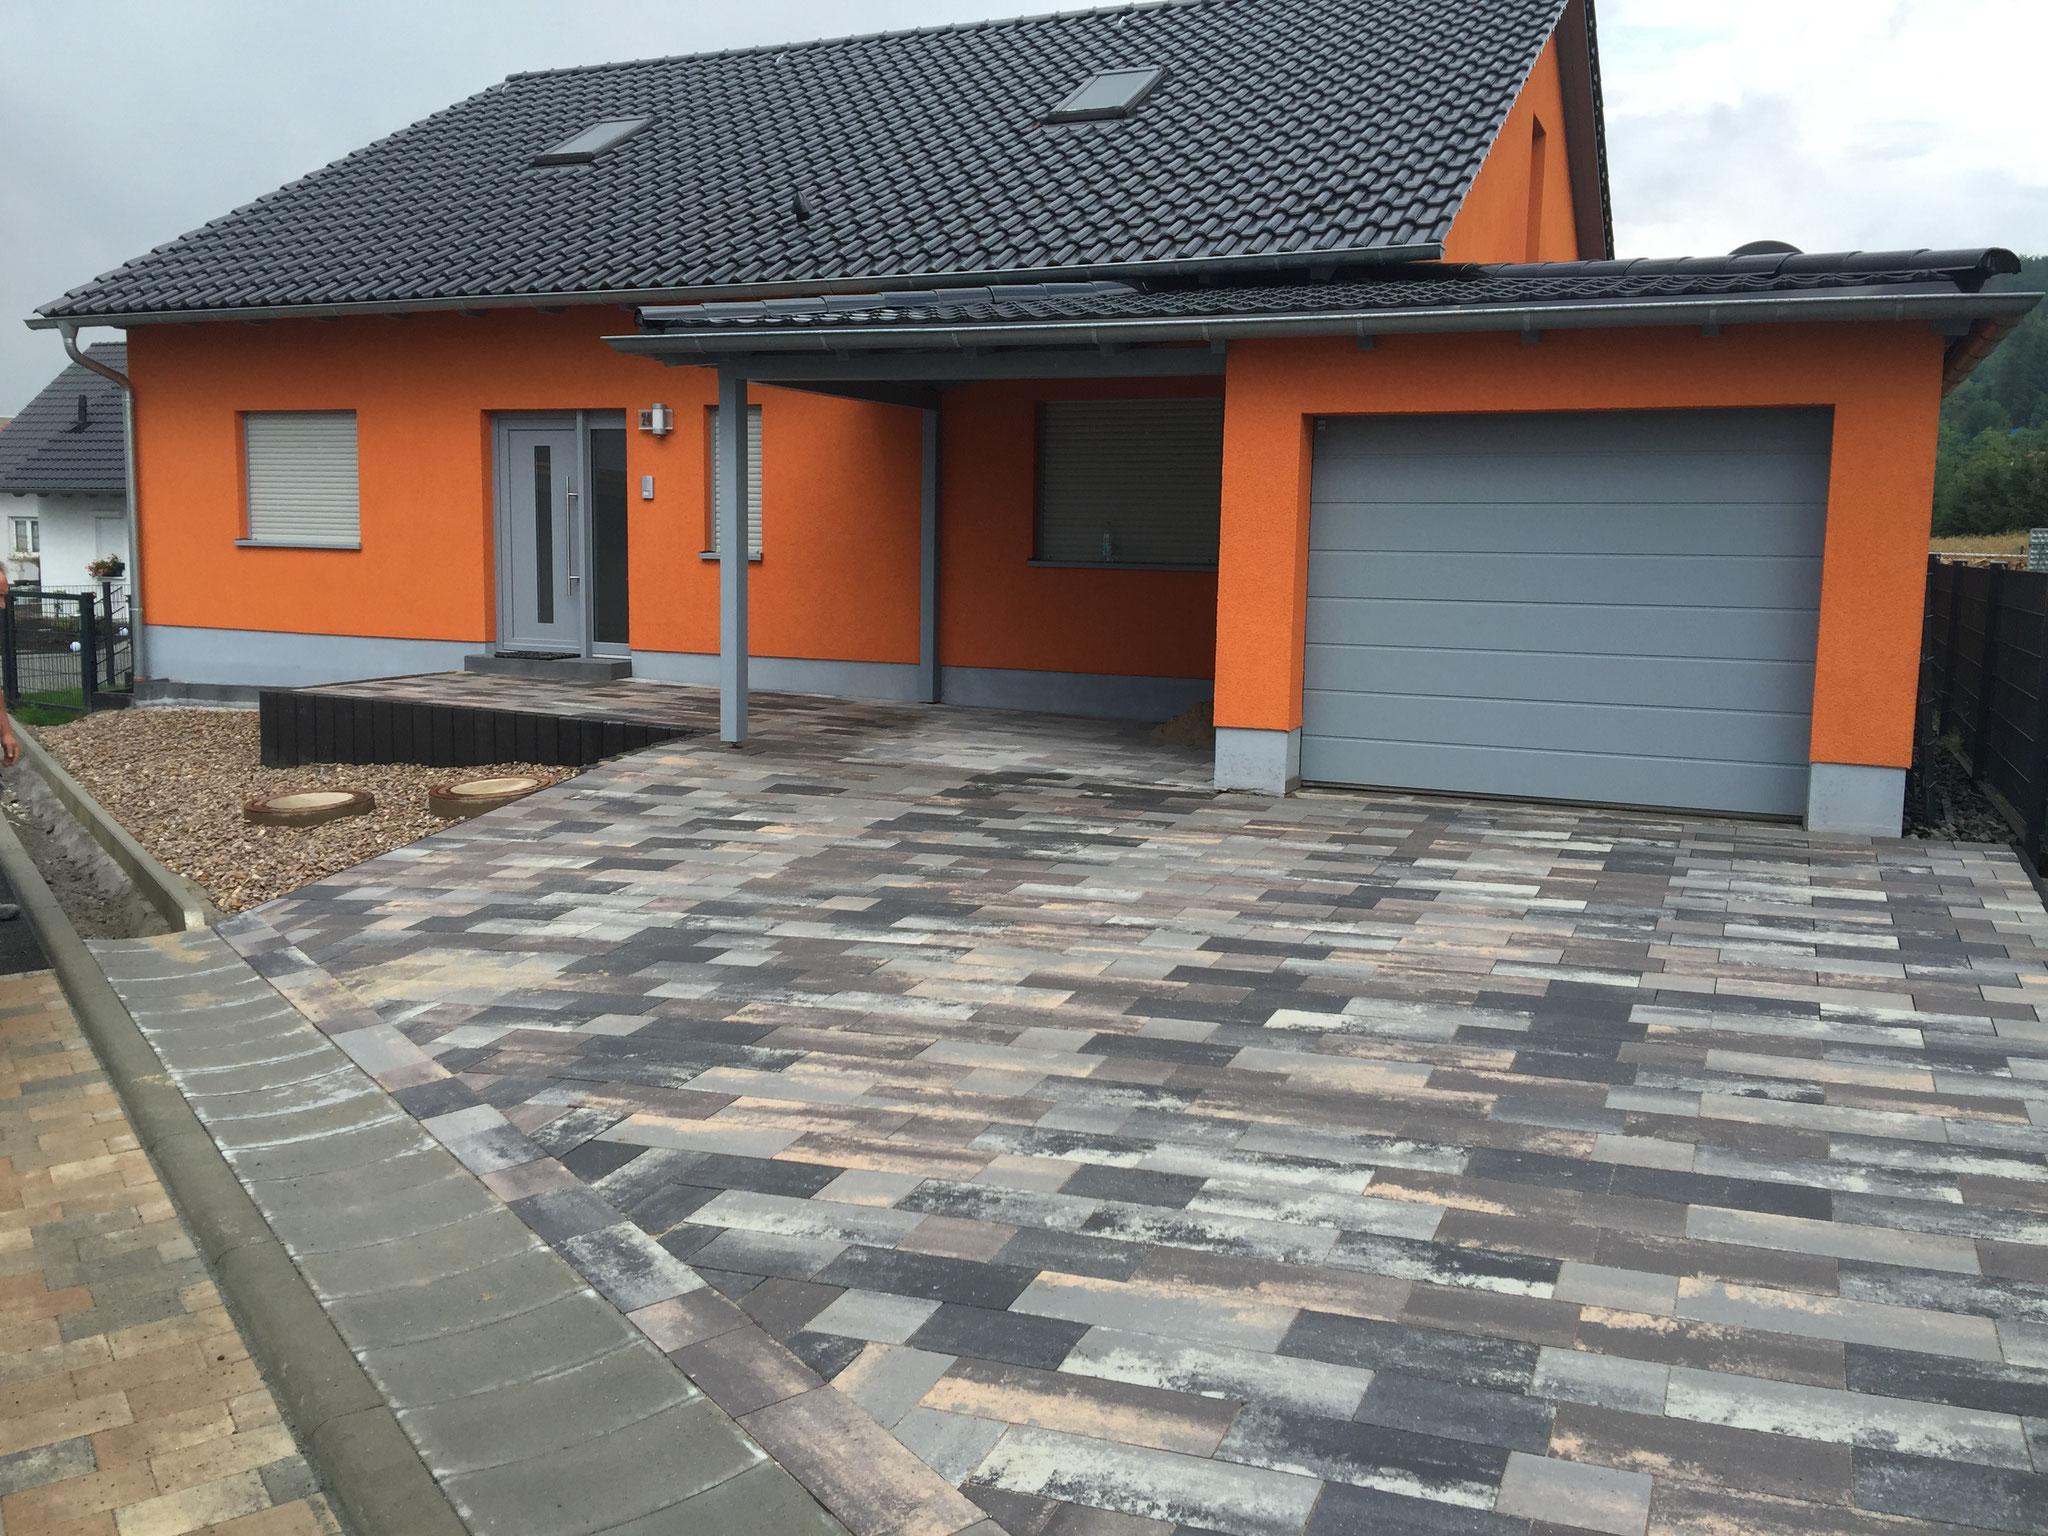 Gestaltung Außenanlagen mit Betonpflaster RINN Padio 20